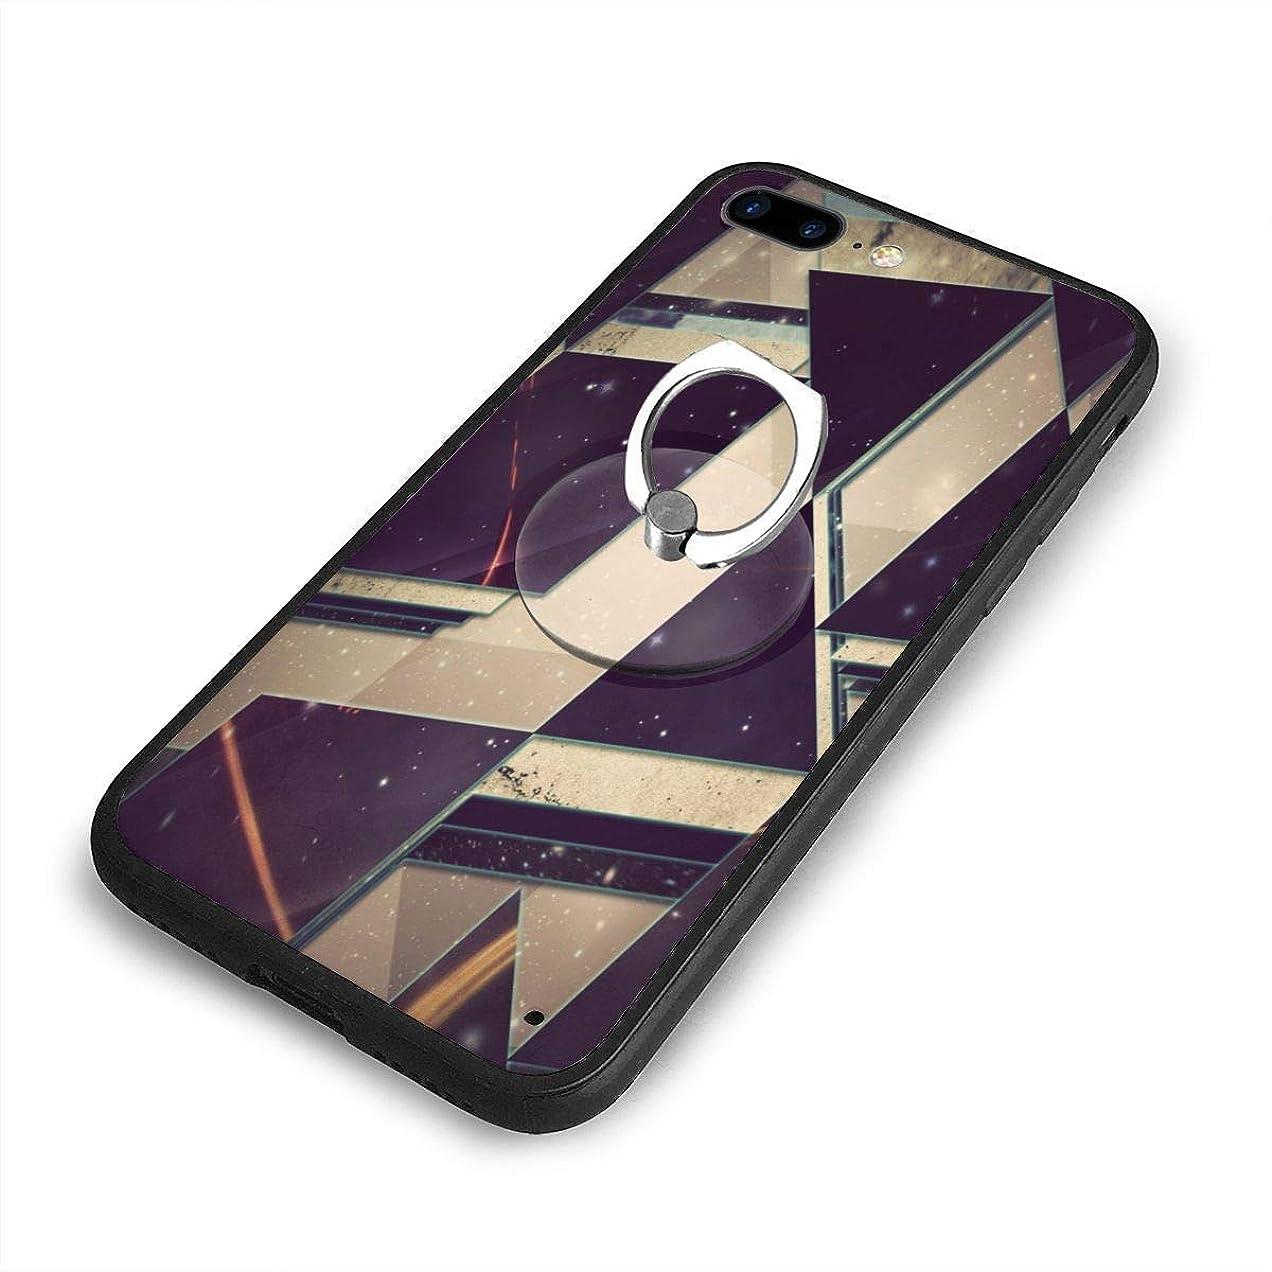 ウォーターフロント発掘バリー3DトライアングルiPhone 7/8 Plusケースリングブラケット 携帯カバー 創意デザイン軽量 傷つけ防止 360°回転ブラケット 携帯ケース PC 衝撃防止 全面保護